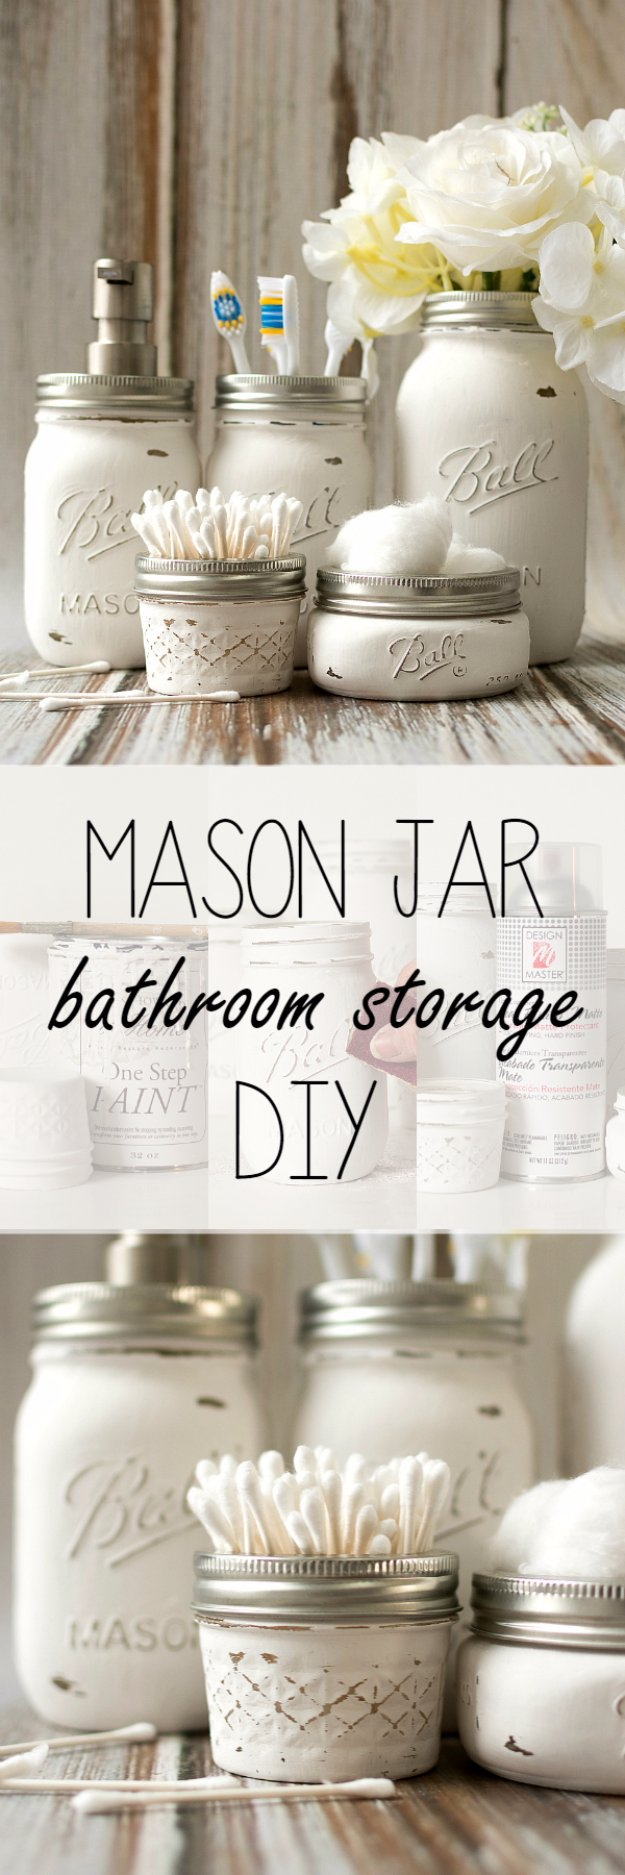 decorazioni fai da te molto carine per il bagno! 15 idee ... - Decorare Soggiorno Fai Da Te 2